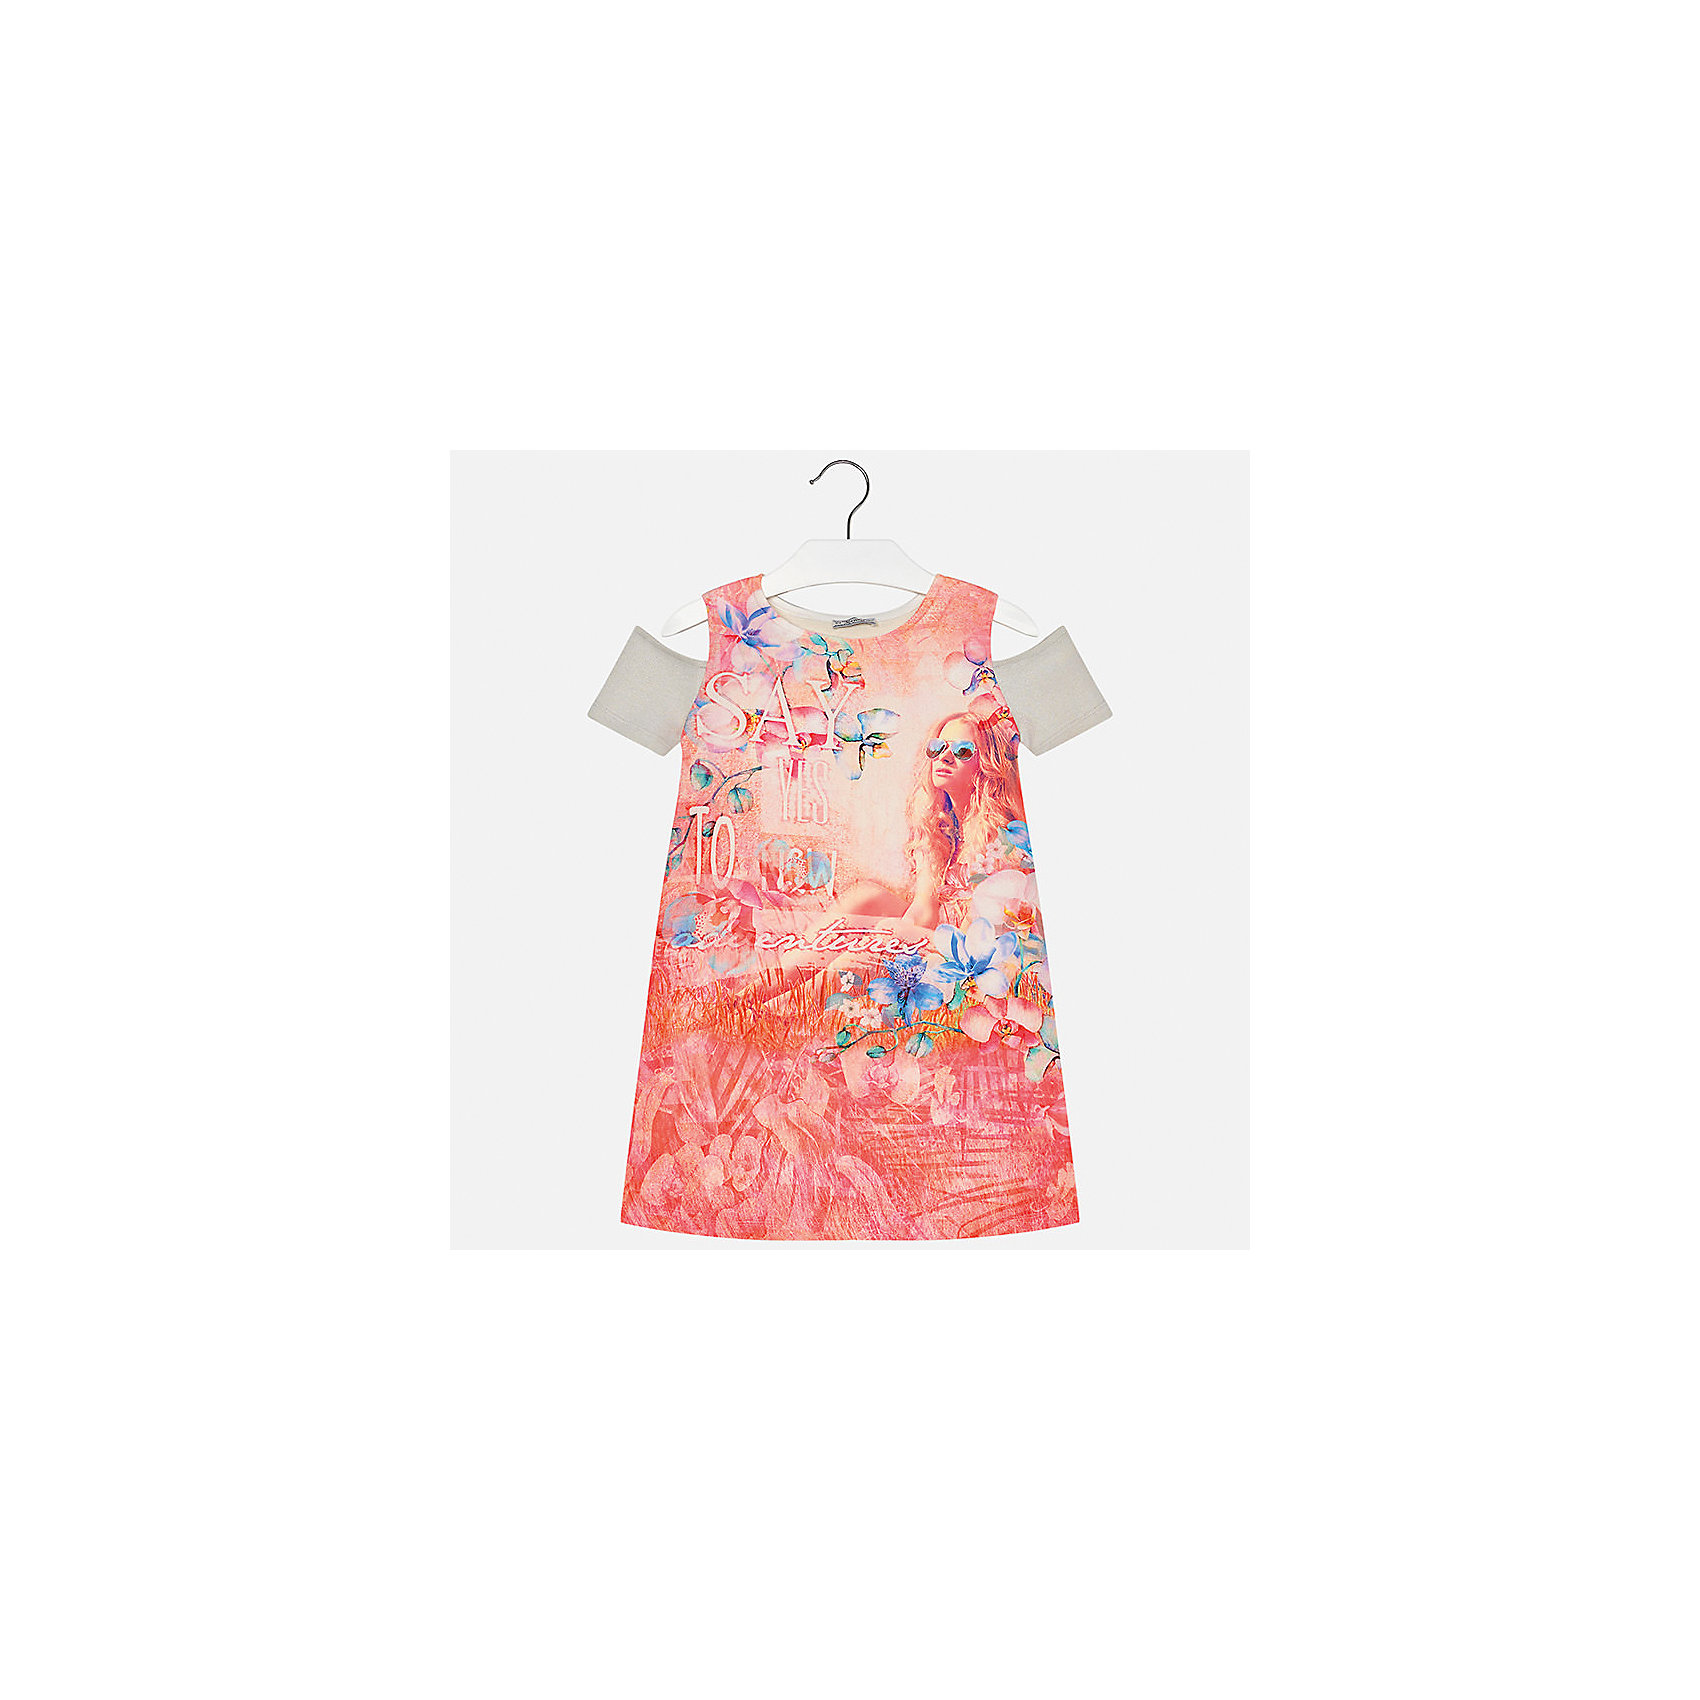 Платье для девочки MayoralПлатья и сарафаны<br>Характеристики товара:<br><br>• цвет: оранжевый<br>• состав: 44% вискоза, 40% полиэстер, 10% металлизированная нить, 6% хлопок<br>• без застежки<br>• открытые плечи<br>• короткие рукава<br>• декорировано принтом<br>• страна бренда: Испания<br><br>Модное платье для девочки поможет разнообразить гардероб ребенка и создать эффектный наряд. Оно подойдет для различных случаев. Красивый оттенок позволяет подобрать к вещи обувь разных расцветок. Платье хорошо сидит по фигуре. <br><br>Платье для девочки от испанского бренда Mayoral (Майорал) можно купить в нашем интернет-магазине.<br><br>Ширина мм: 236<br>Глубина мм: 16<br>Высота мм: 184<br>Вес г: 177<br>Цвет: розовый<br>Возраст от месяцев: 108<br>Возраст до месяцев: 120<br>Пол: Женский<br>Возраст: Детский<br>Размер: 140,170,128/134,152,158,164<br>SKU: 5300952